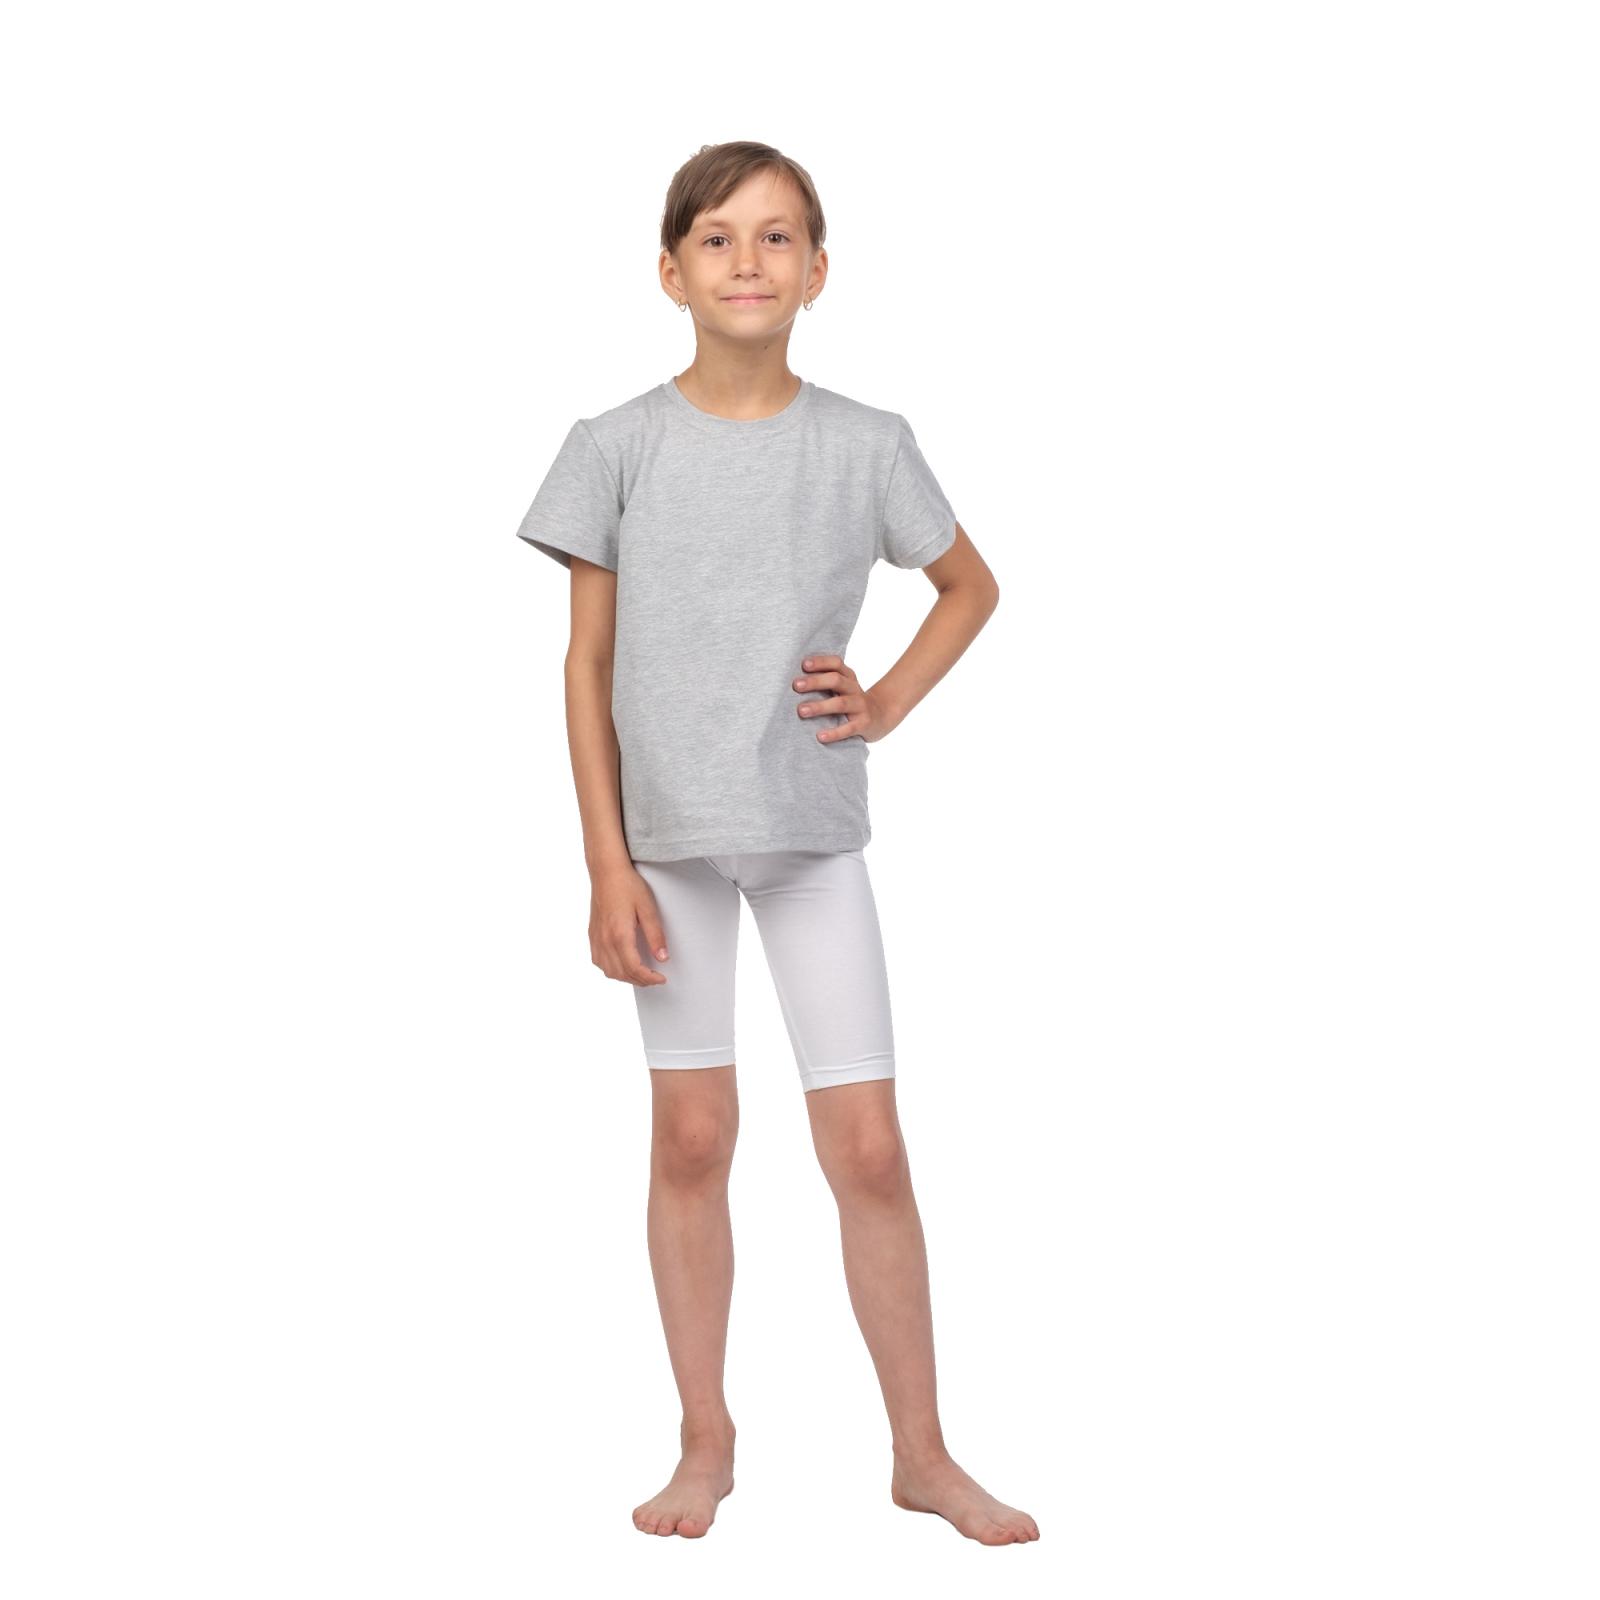 Бриджи детские белые Д-0011